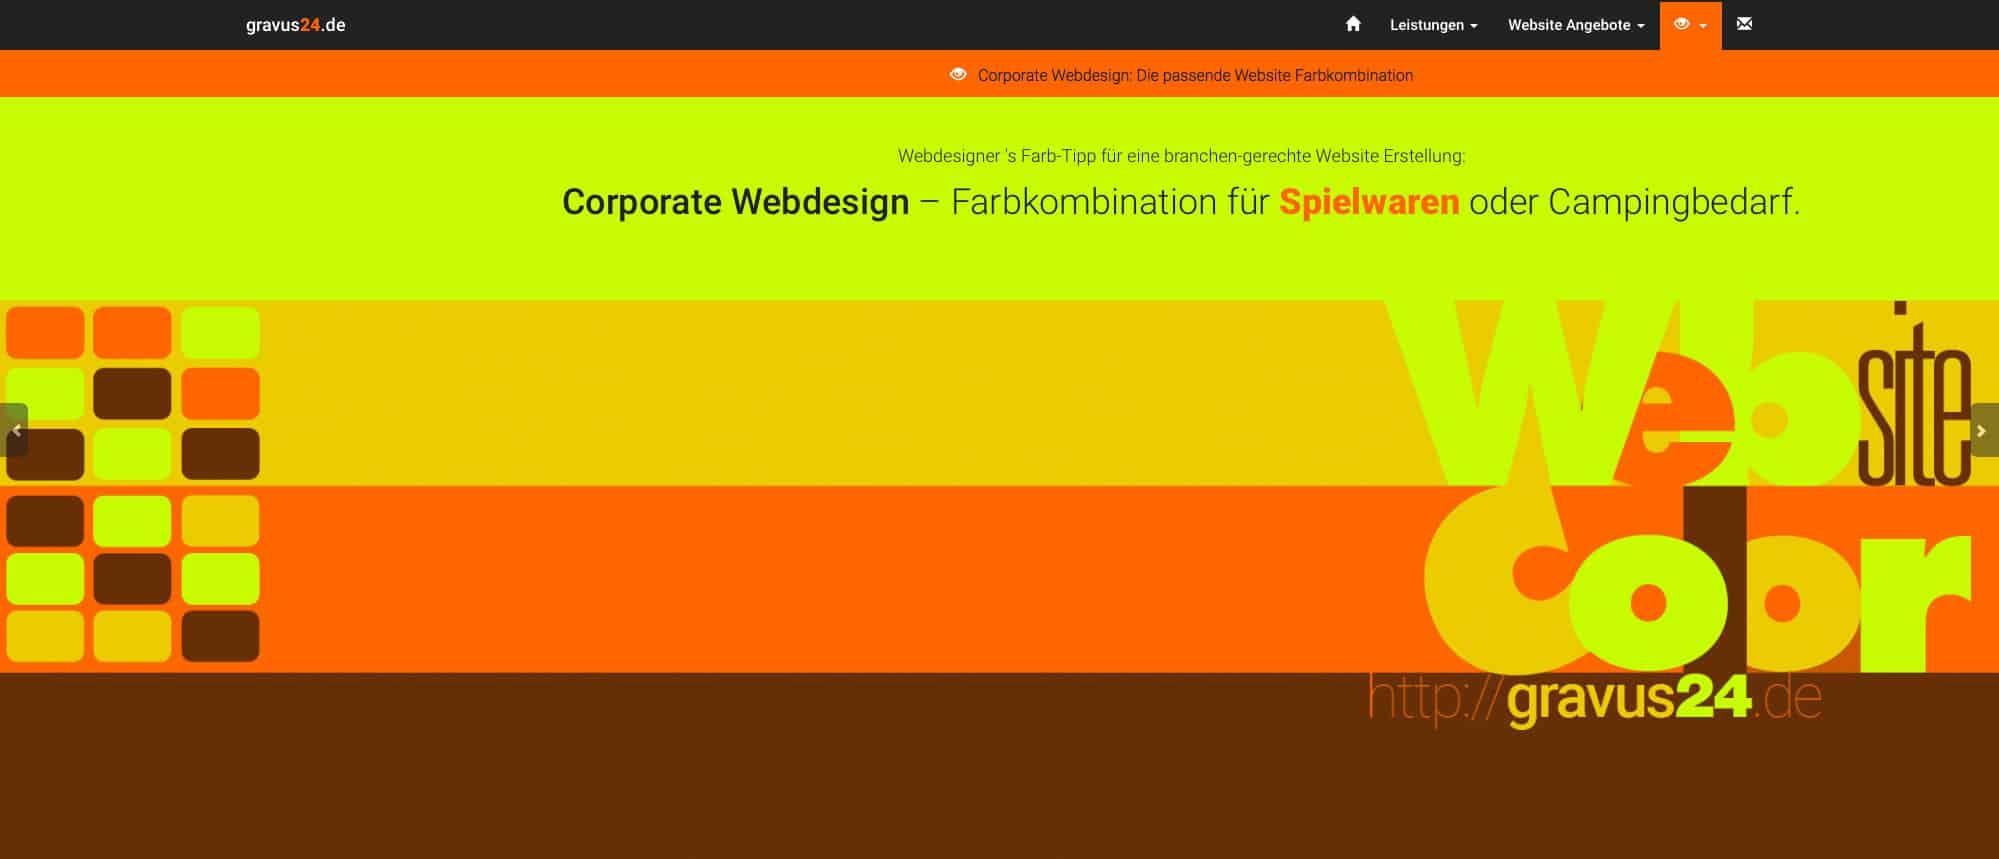 webdesigner farbtipp spielwaren